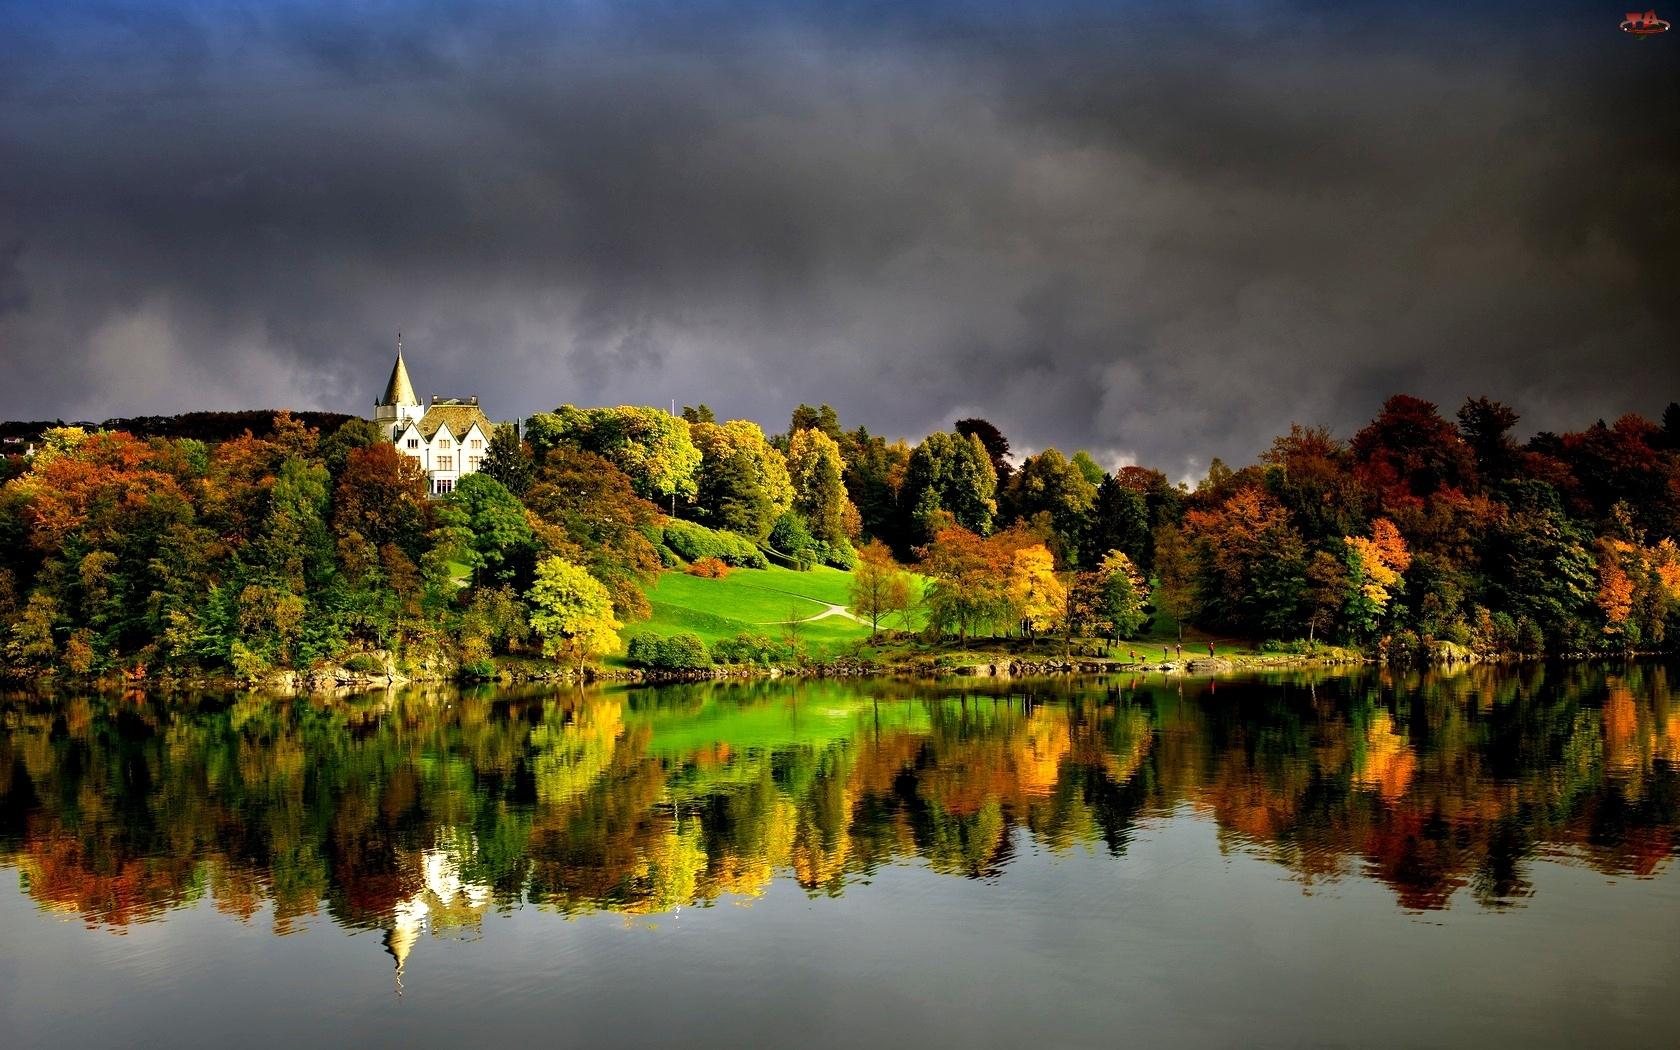 Wśród, Białą, Widok, Jesień, Drzew, Na, Budowlę